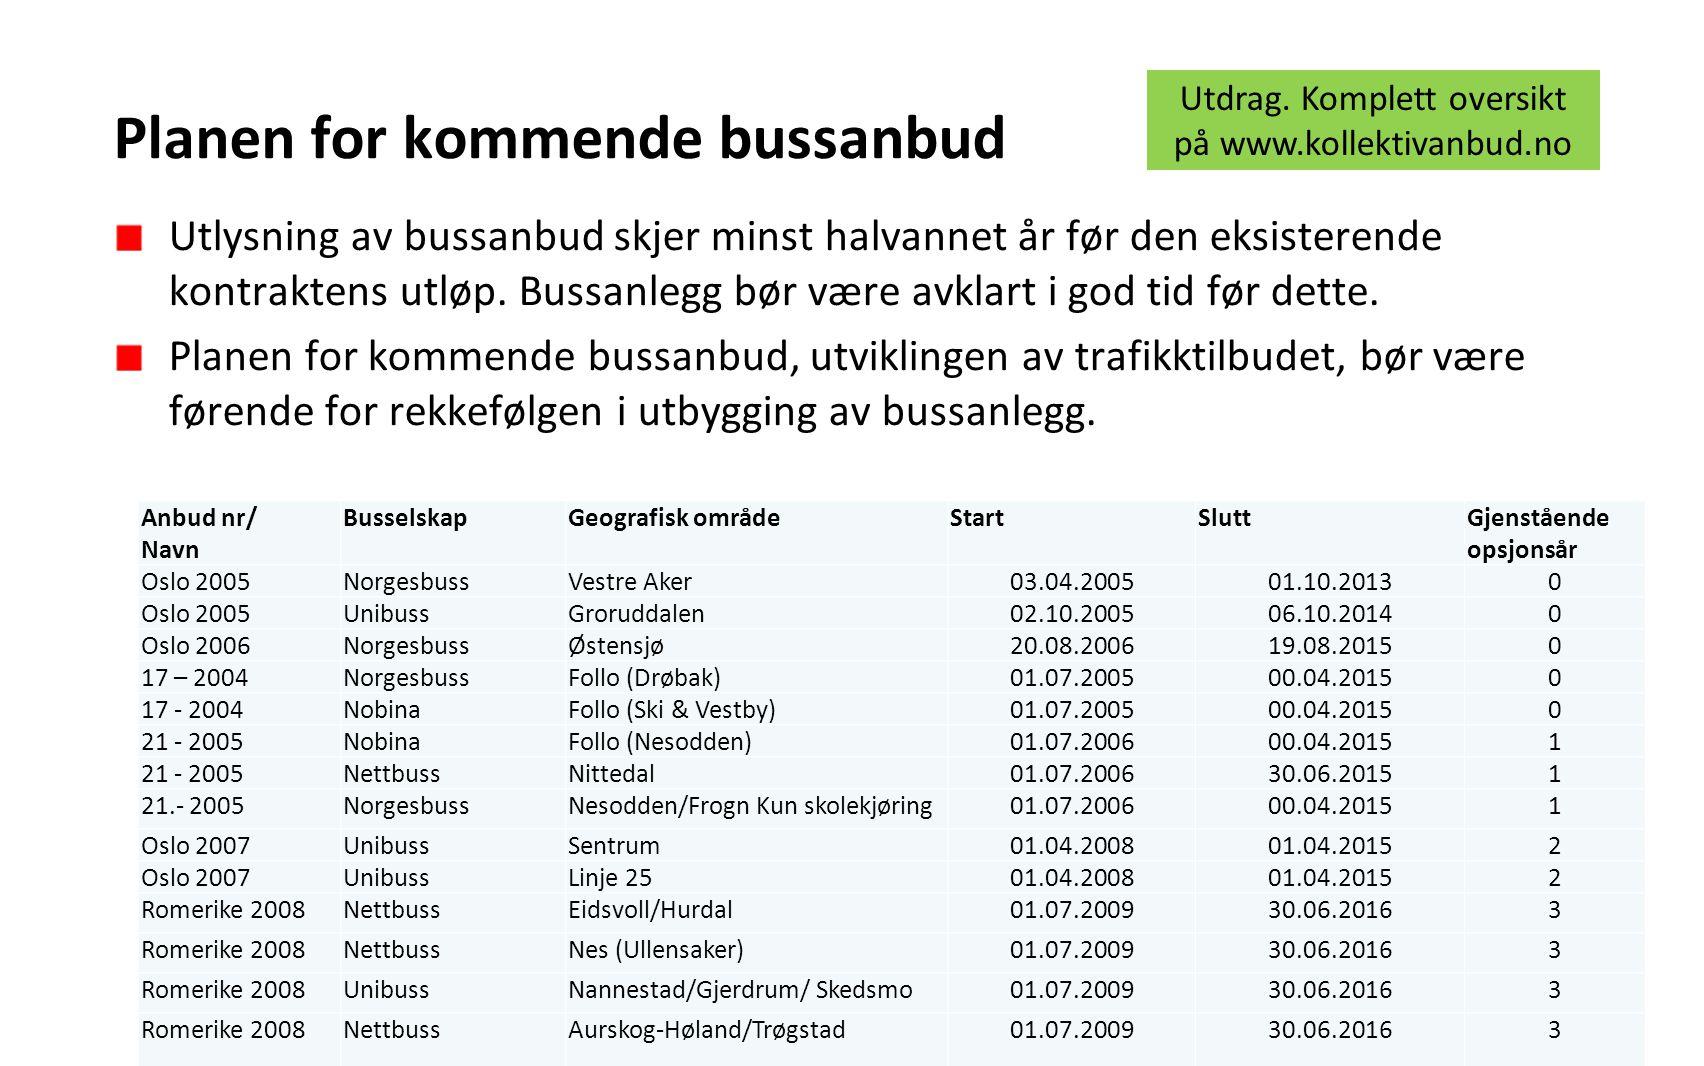 Planen for kommende bussanbud Anbud nr/ Navn BusselskapGeografisk områdeStartSluttGjenstående opsjonsår Oslo 2005NorgesbussVestre Aker03.04.200501.10.20130 Oslo 2005UnibussGroruddalen02.10.200506.10.20140 Oslo 2006NorgesbussØstensjø20.08.200619.08.20150 17 – 2004NorgesbussFollo (Drøbak)01.07.200500.04.20150 17 - 2004NobinaFollo (Ski & Vestby)01.07.200500.04.20150 21 - 2005NobinaFollo (Nesodden)01.07.200600.04.20151 21 - 2005NettbussNittedal01.07.200630.06.20151 21.- 2005NorgesbussNesodden/Frogn Kun skolekjøring01.07.200600.04.20151 Oslo 2007UnibussSentrum01.04.200801.04.20152 Oslo 2007UnibussLinje 2501.04.200801.04.20152 Romerike 2008NettbussEidsvoll/Hurdal01.07.200930.06.20163 Romerike 2008NettbussNes (Ullensaker)01.07.200930.06.20163 Romerike 2008UnibussNannestad/Gjerdrum/ Skedsmo01.07.200930.06.20163 Romerike 2008NettbussAurskog-Høland/Trøgstad01.07.200930.06.20163 Romerike 2008UnibussSkedsmo/ Lørenskog/ Sørum/Fet/Rælingen 01.07.200930.06.20163 Romerike 2008NobinaEnebakk//Rælingen/Ski01.07.200930.06.20163 Akershus vestNettbussLommedalen01.07.201030.06.20173 Akershus vestNorgesbussBærum vest/Skui01.07.201030.06.20173 Akershus vestNorgesbussAsker og Hurum01.07.201030.06.20173 Bærum østNorgesbussBærum øst06.02.201130.06.20173 Oslo sydUnibussOslo syd02.10.201102.10.20183 Oslo VestNobinaOslo Vest07.10.201200.10.20193 Vestre AkerNettbussVestre Aker07.10.201330.06.20192 Utdrag.